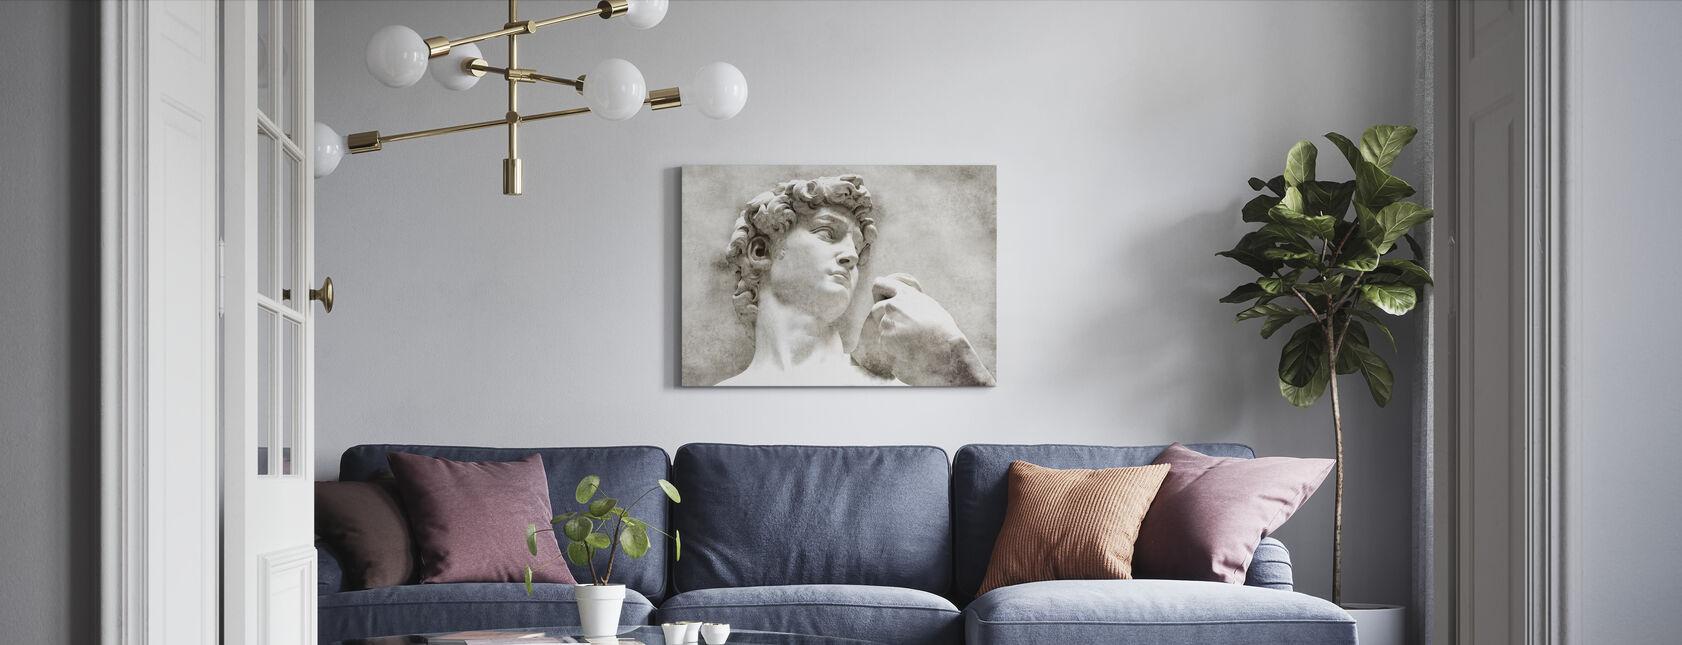 David beeld door Michelangelo - Canvas print - Woonkamer